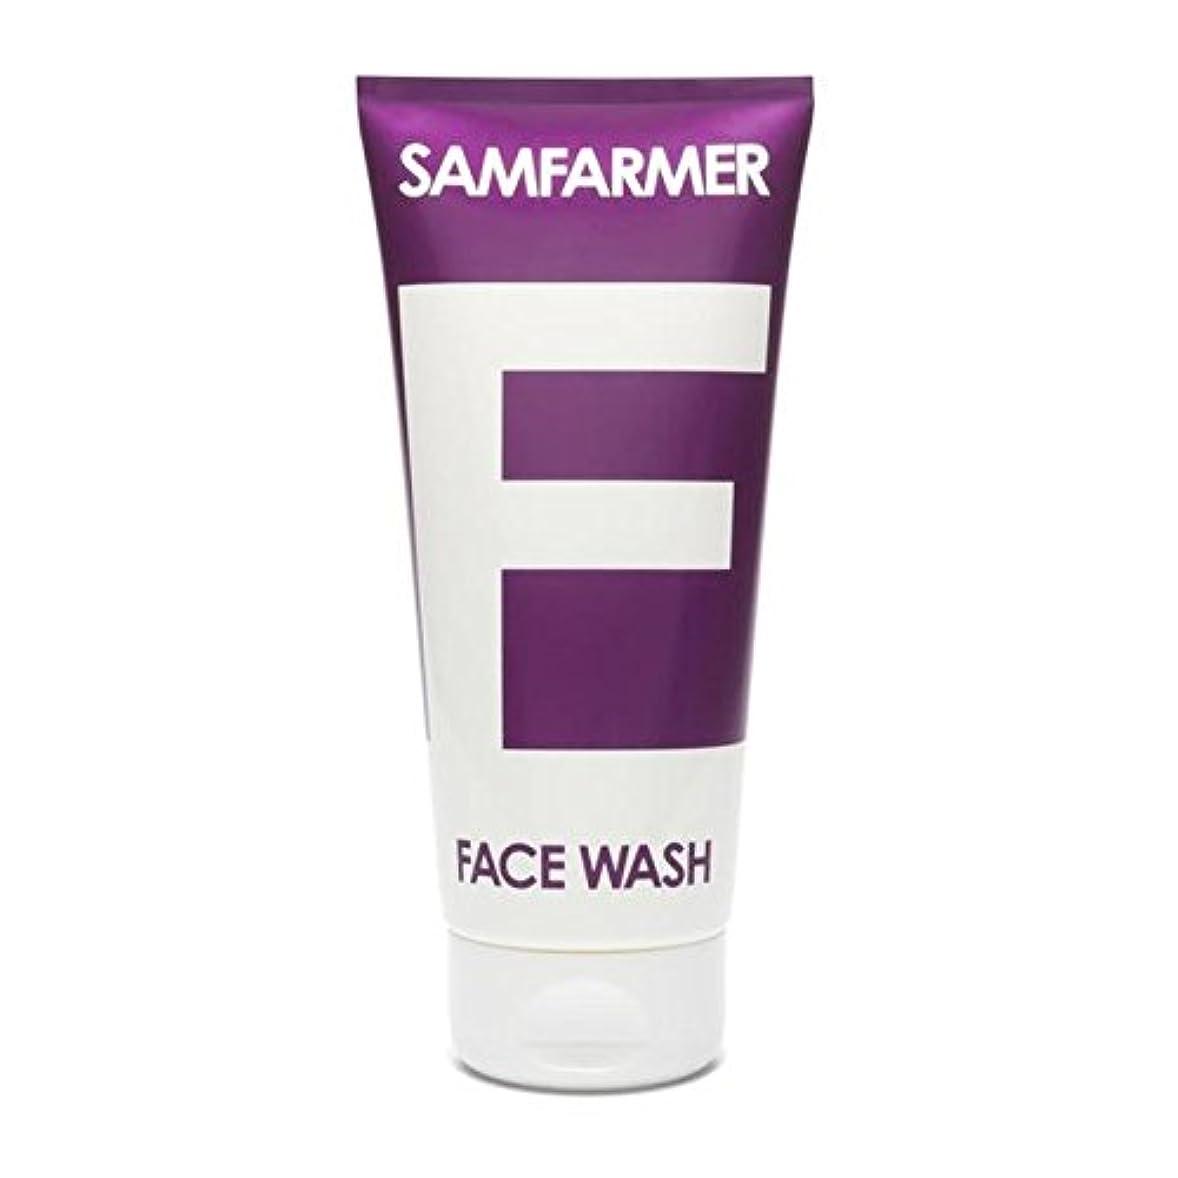 ものコントロール乗算ユニセックスフェイスウォッシュ200ミリリットル x4 - SAMFARMER Unisex Face Wash 200ml (Pack of 4) [並行輸入品]